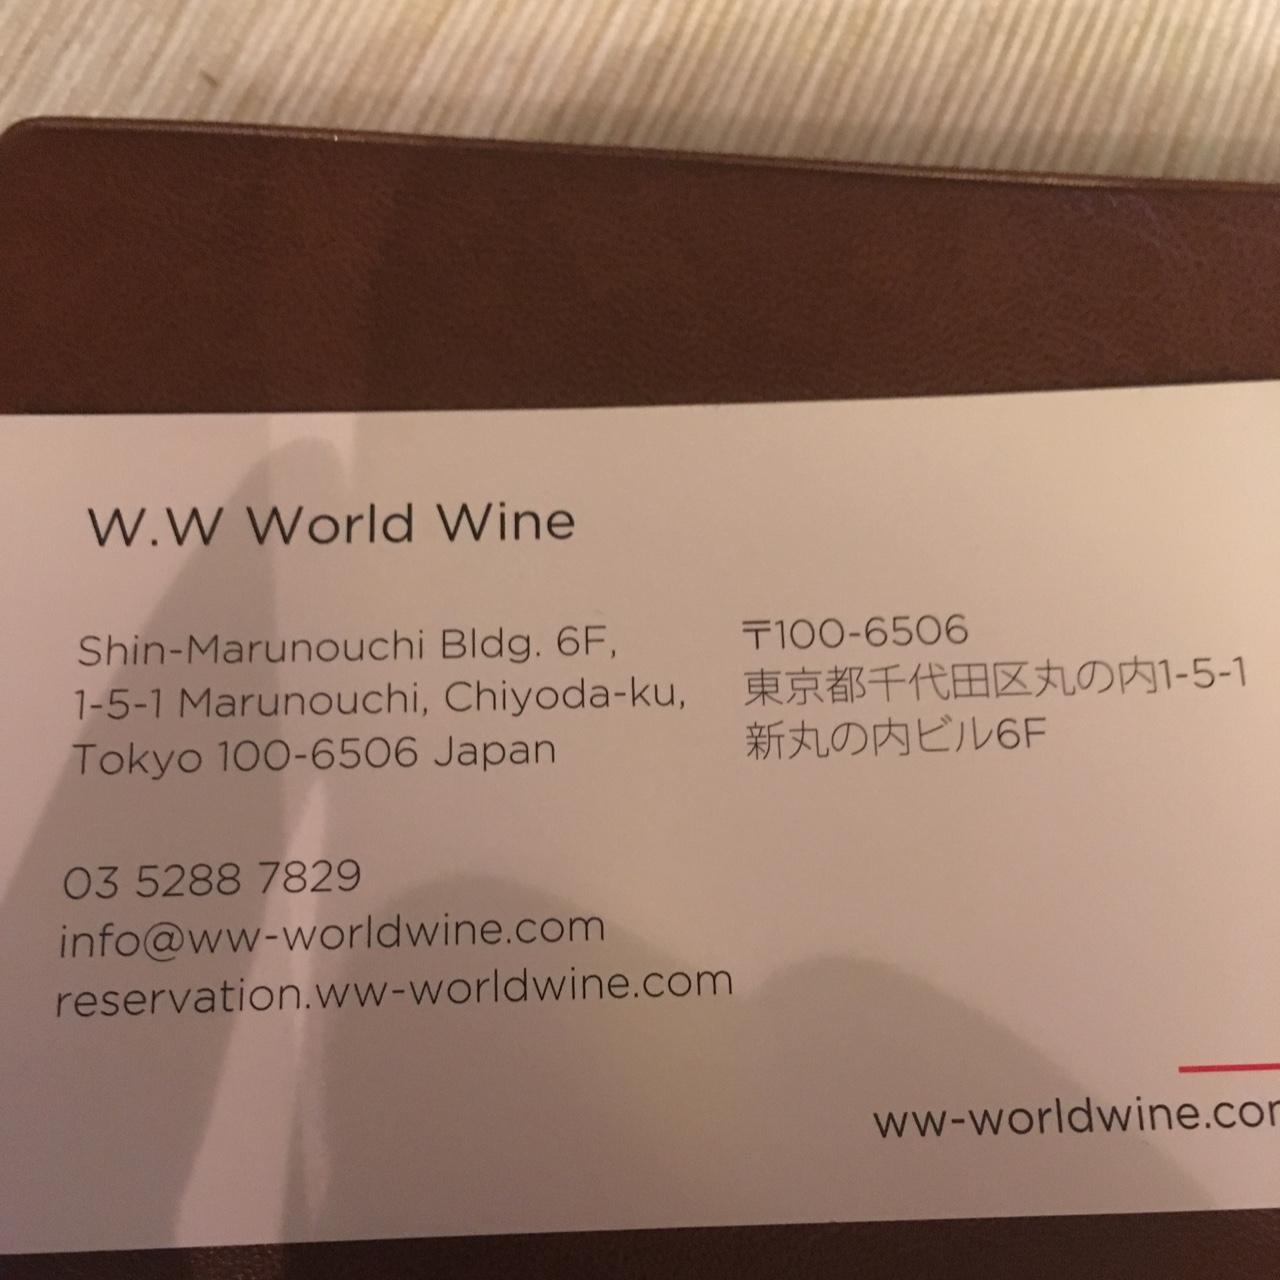 W.W World Wine>